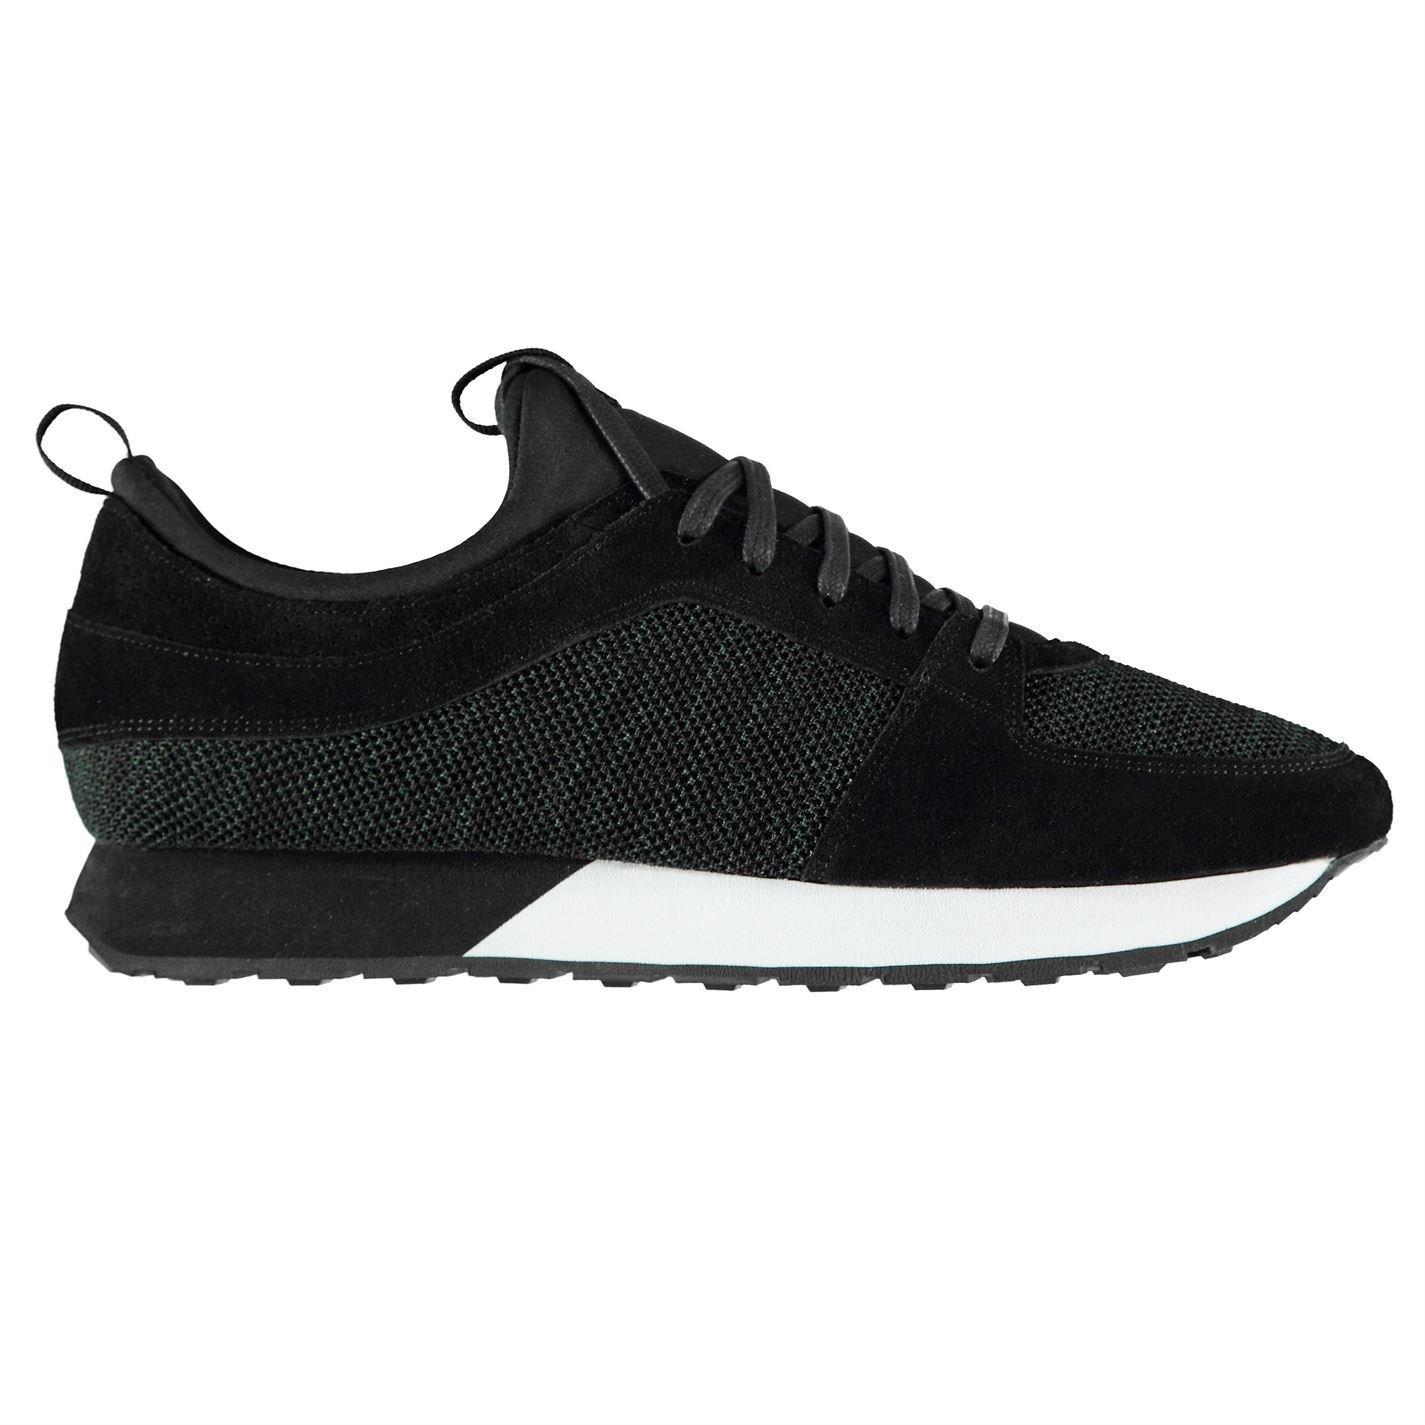 Original-Schuhe Firetrap Thane Fashion Turnschuhe Herren FREIZEITSCHUHE khaki schwarz, FREIZEITSCHUHE Herren Turnschuhe 865001